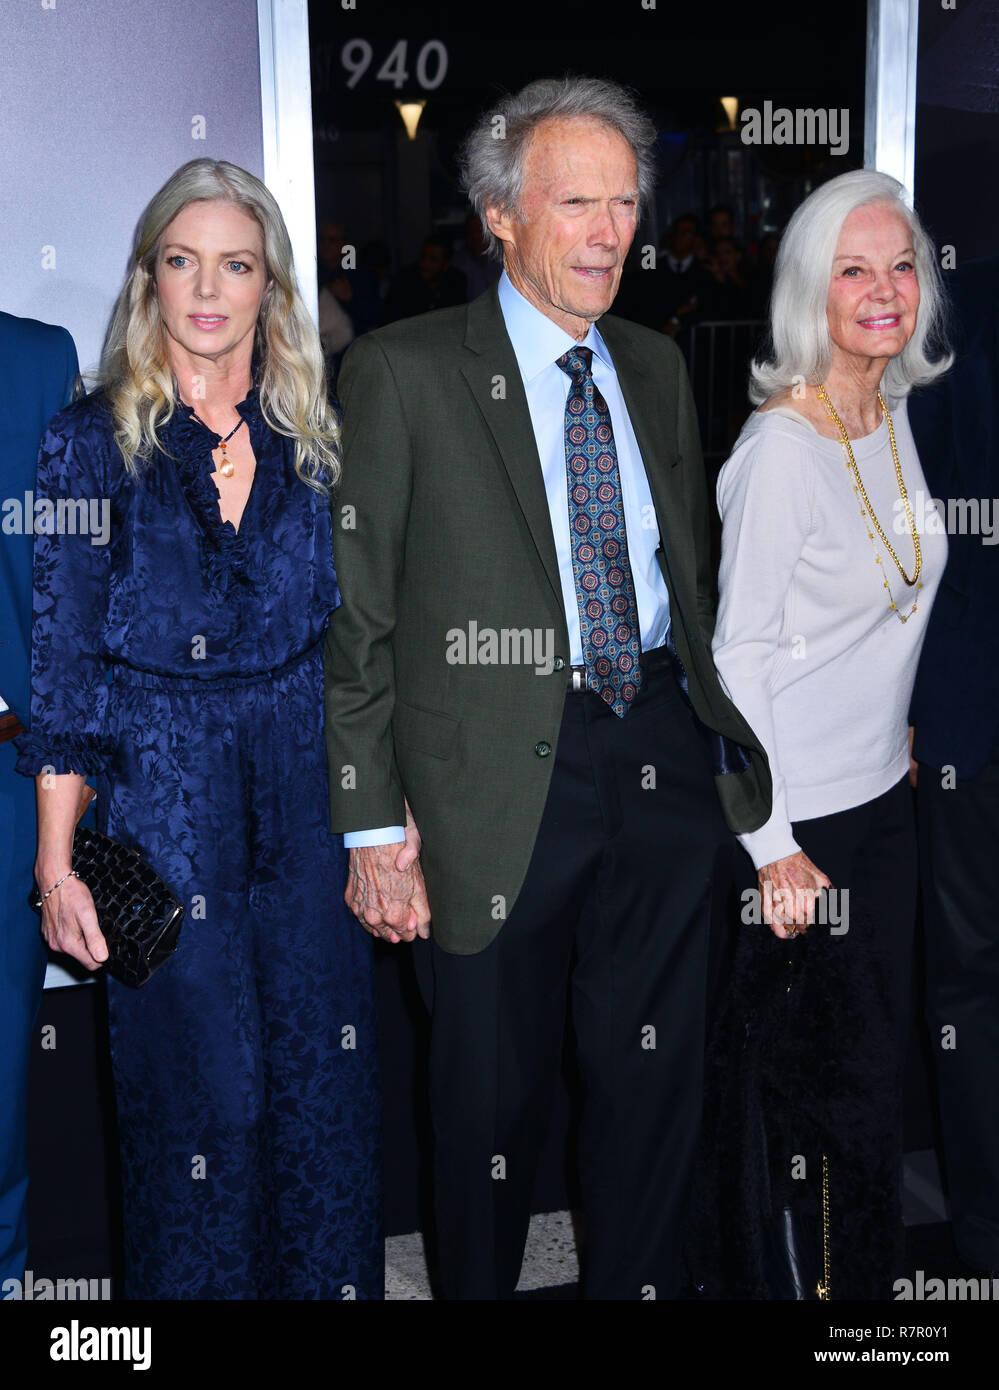 """Westwood, Californie, USA. 11Th Feb 2018. Clint Eastwood et Christina Sandera 219 assiste à la Warner Bros Pictures Première mondiale de """"La mule"""" au Regency Village Theatre le 10 décembre 2018 à Westwood, en Californie. Credit: Tsuni / USA/Alamy Live News Banque D'Images"""